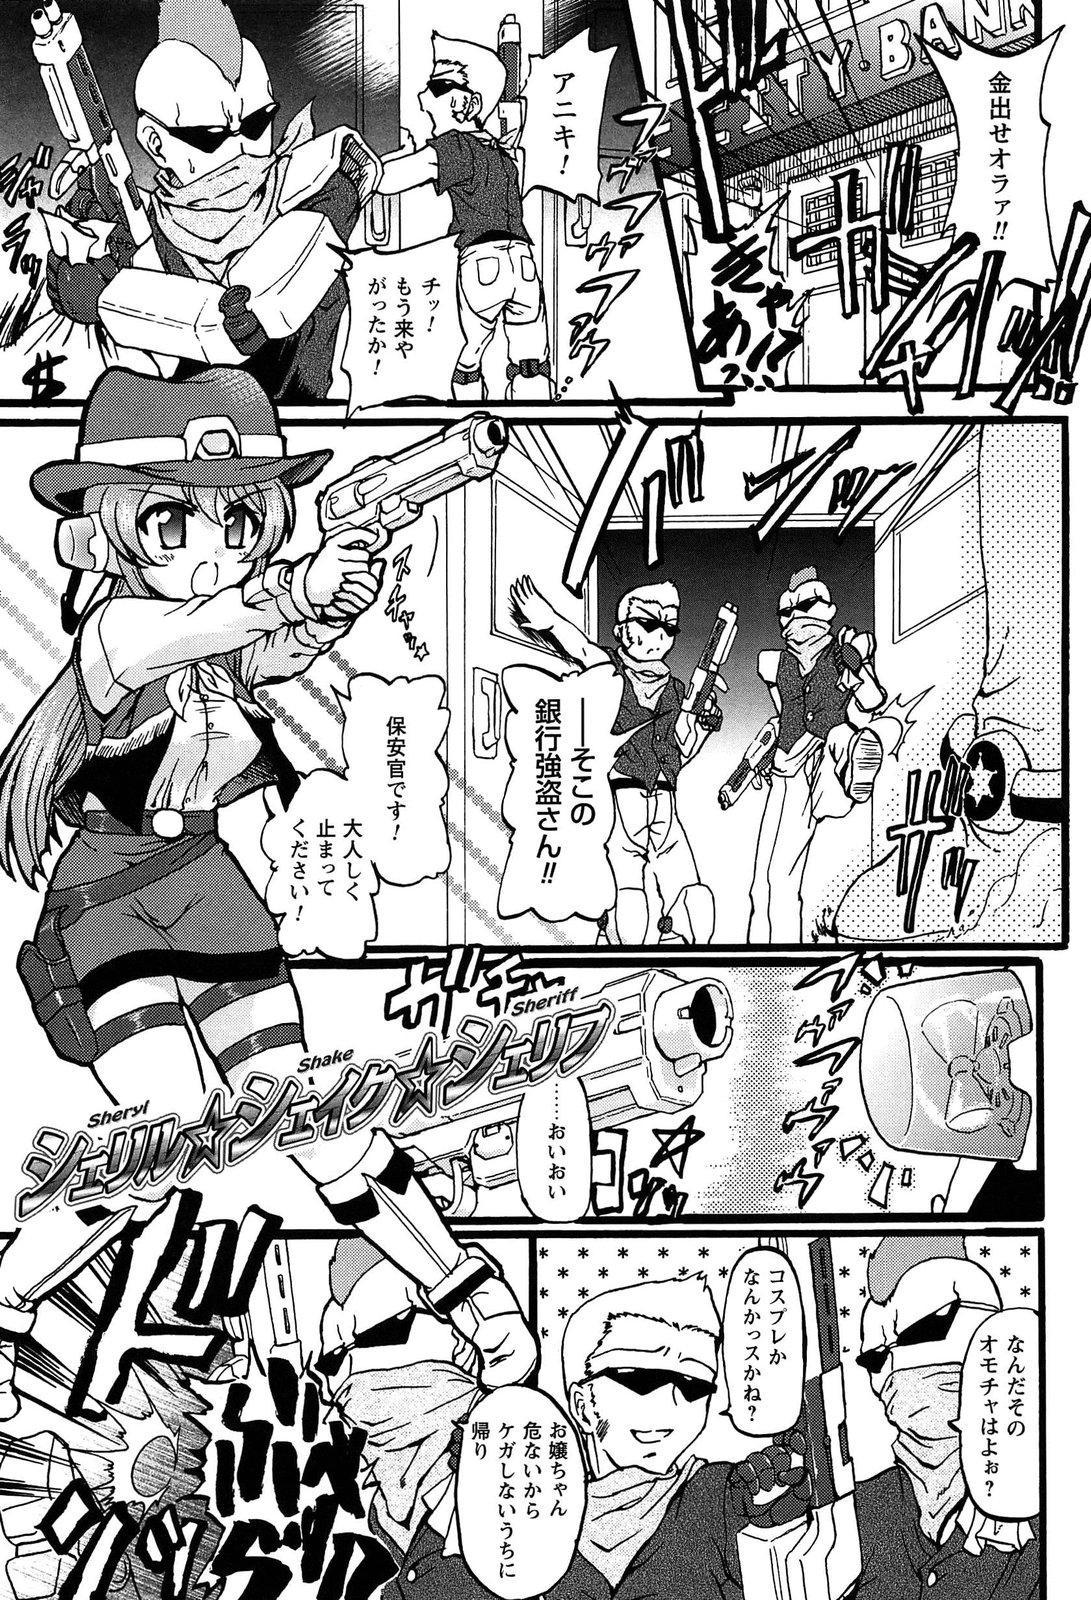 Eroge o Tsukurou! Genteiban - Let's develop the adult game together 178